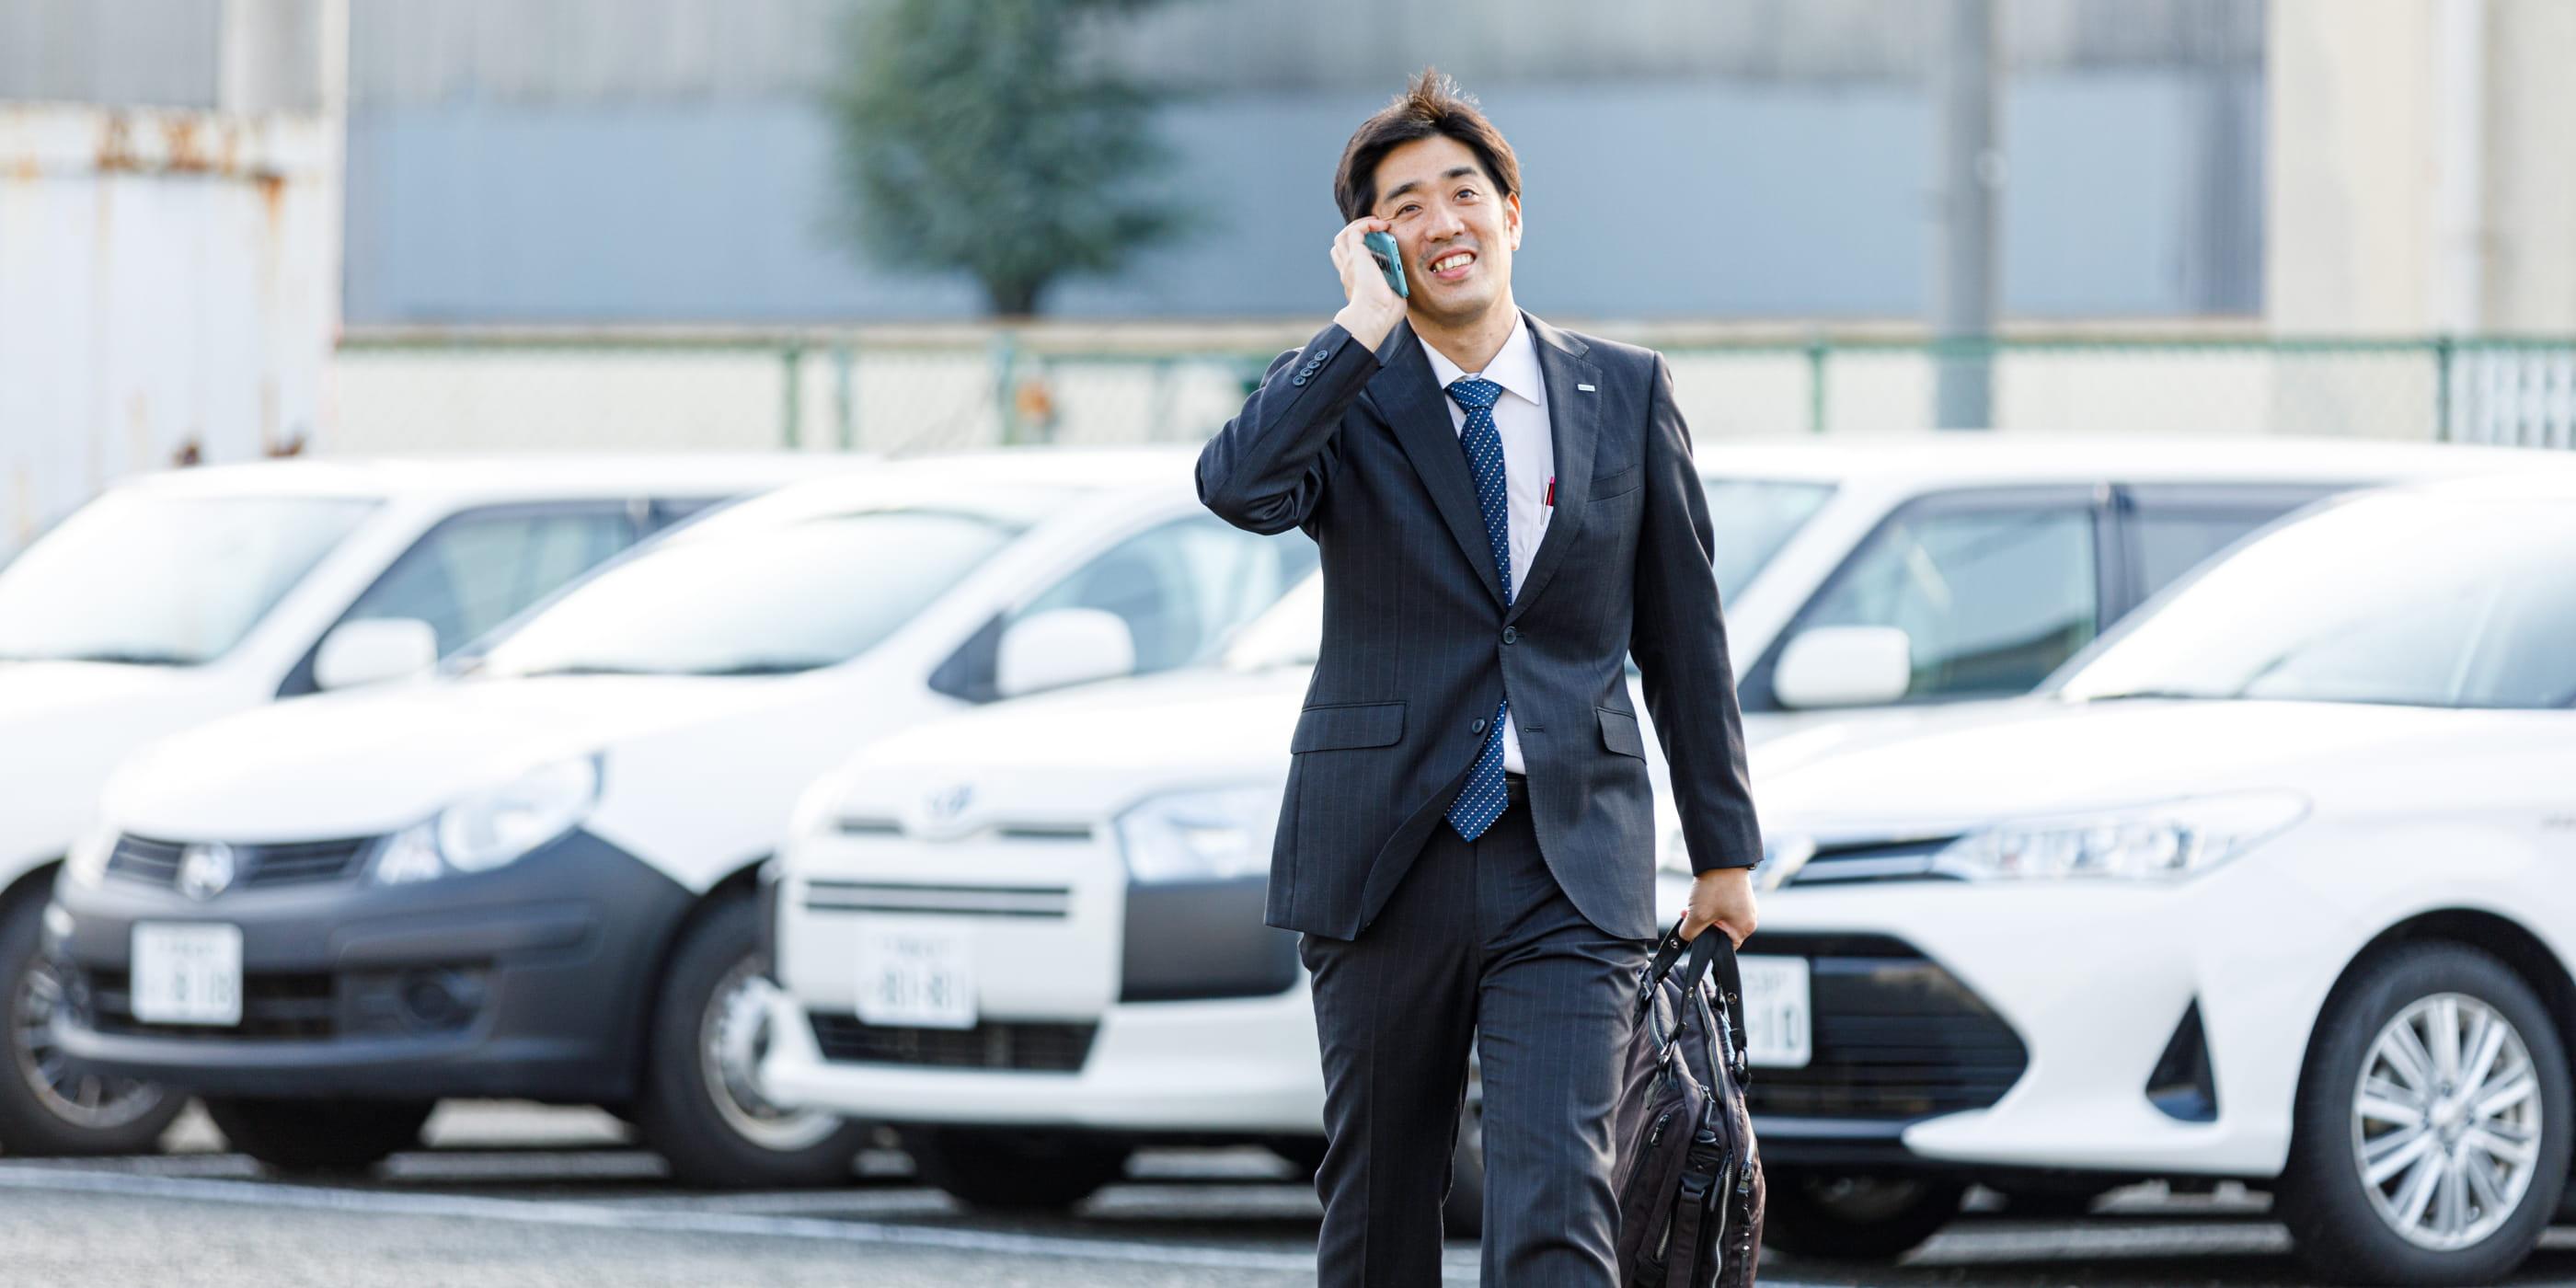 歩きながら電話対応を行う塩澤 功の写真